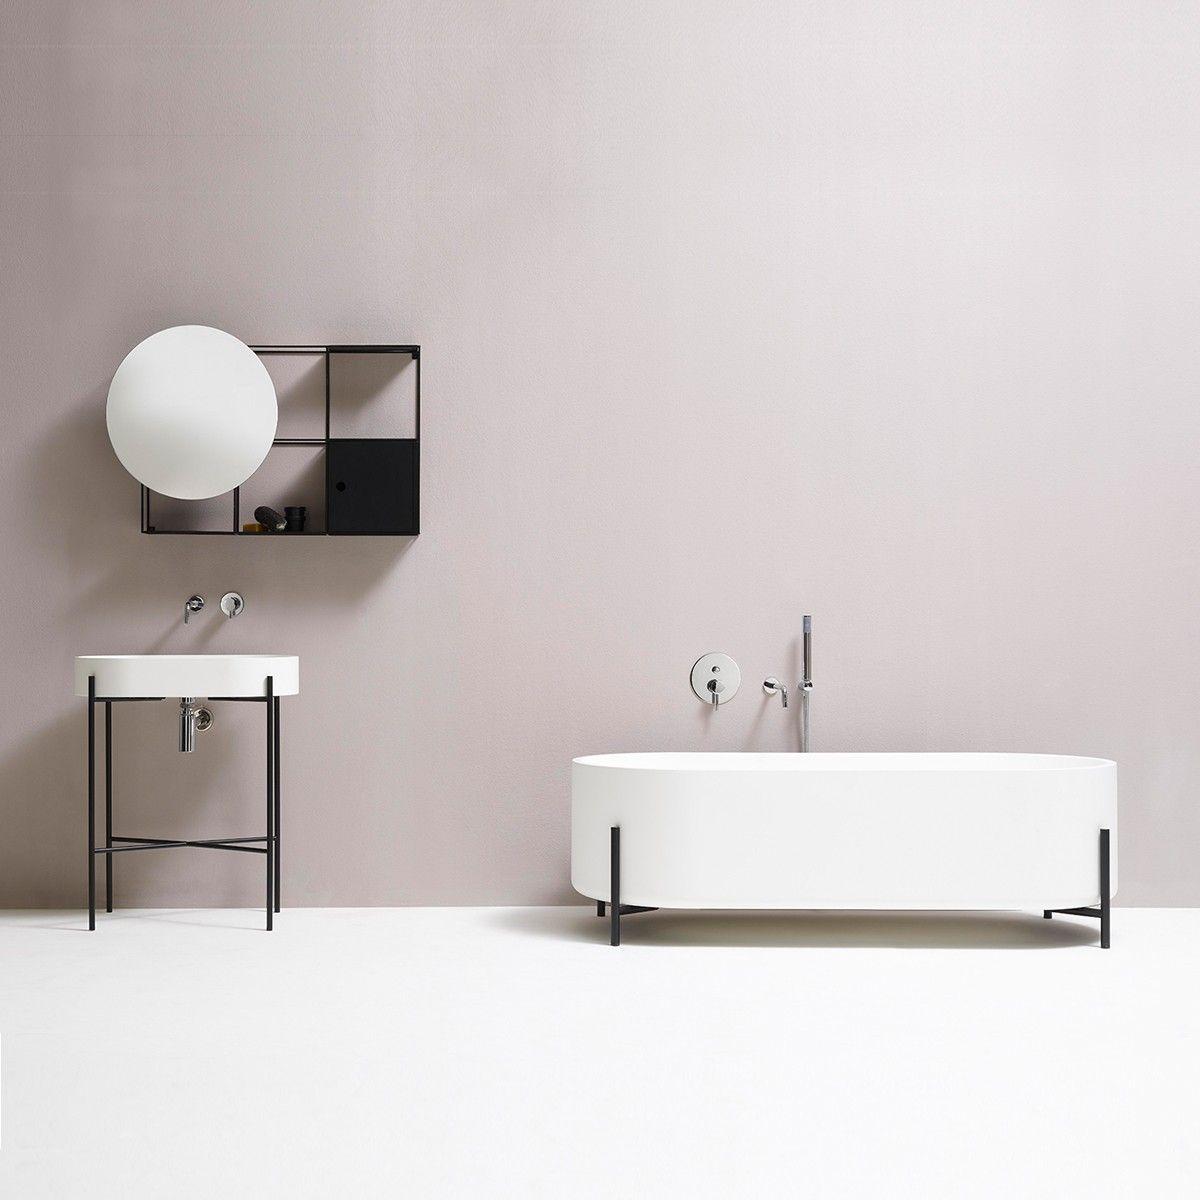 Meuble salle de bain ex.t